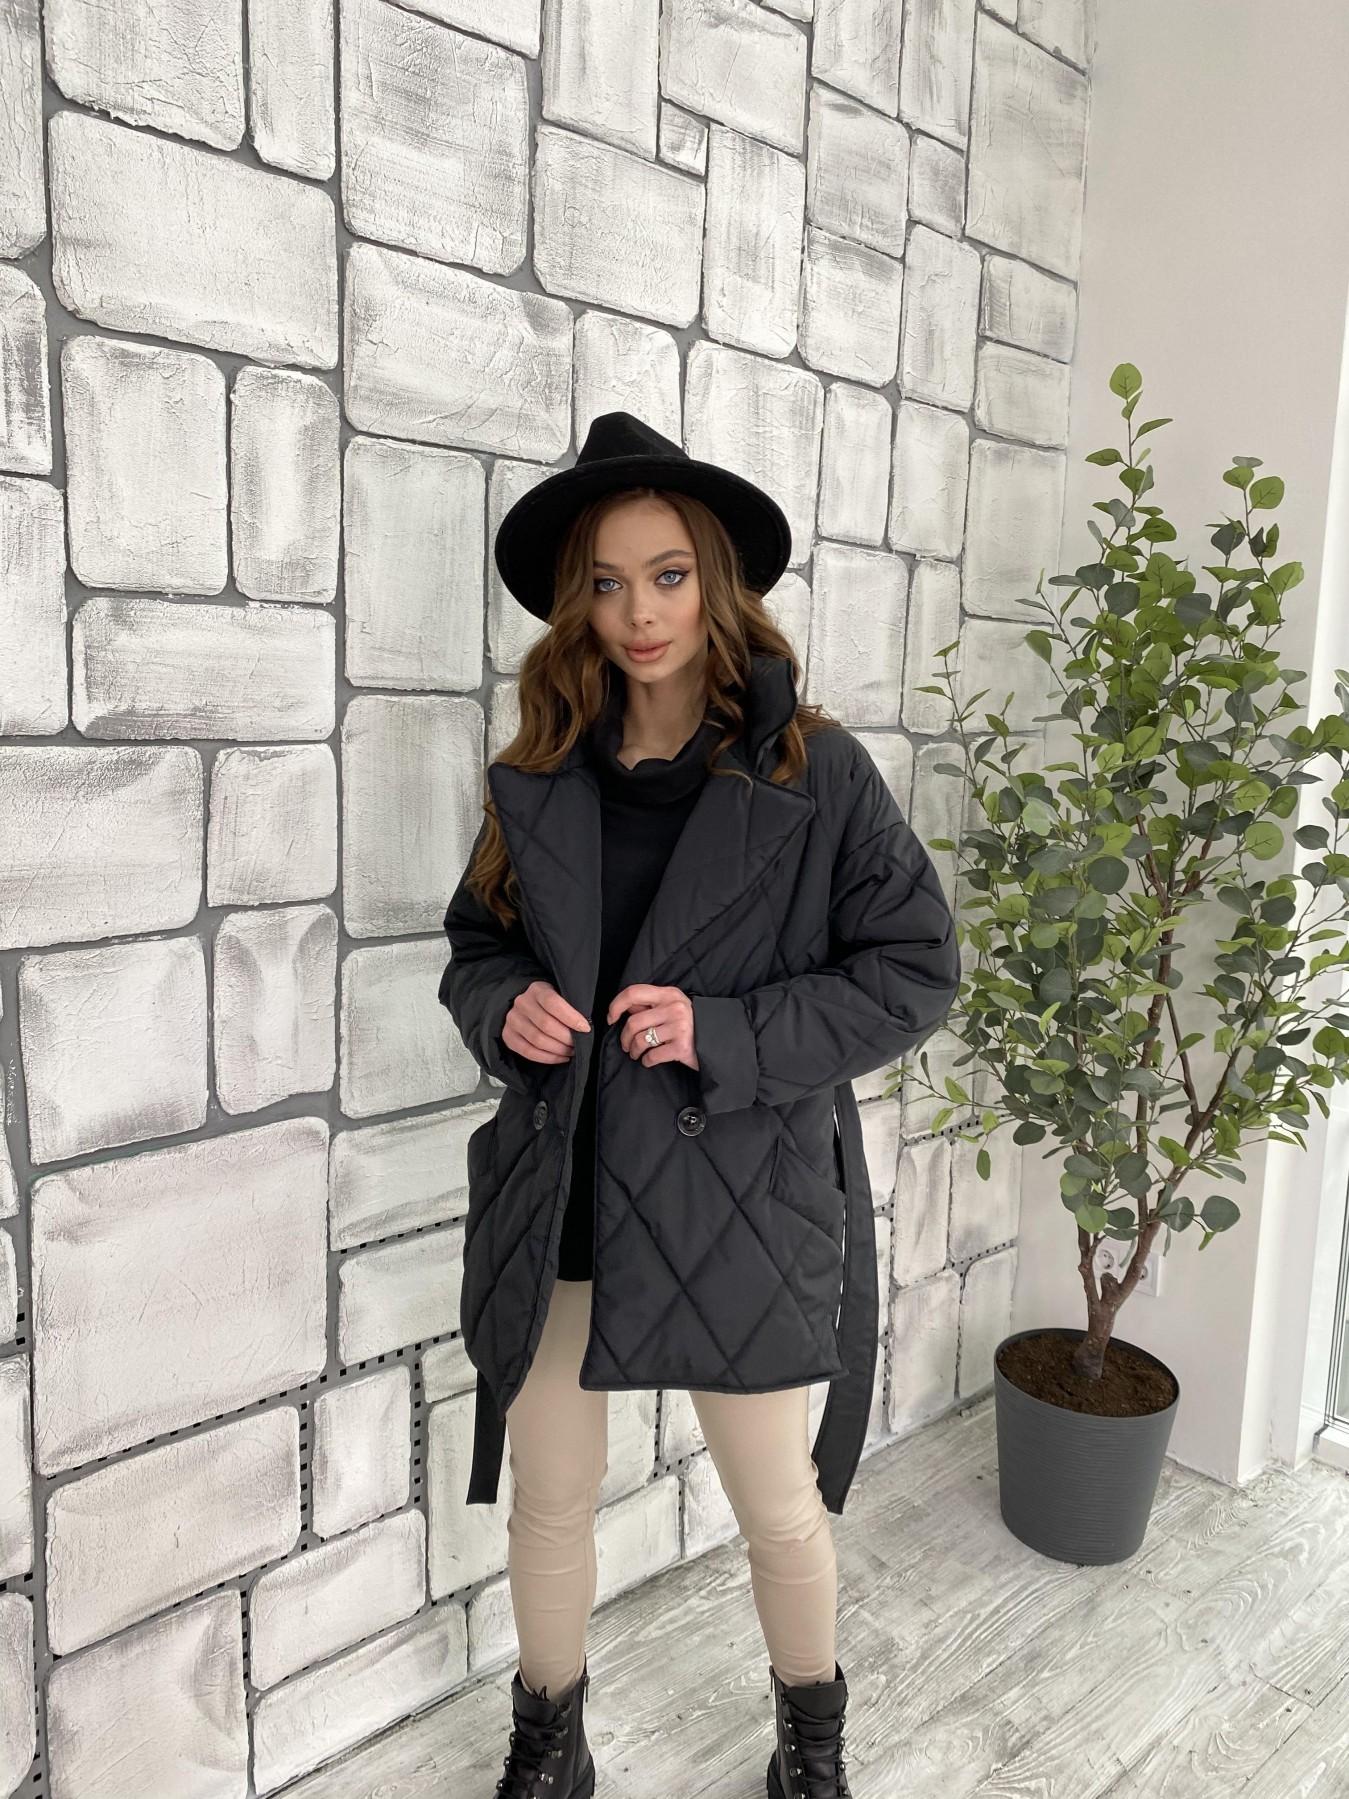 Норд куртка из плащевой ткани стеганая 10883 АРТ. 47354 Цвет: Черный - фото 8, интернет магазин tm-modus.ru